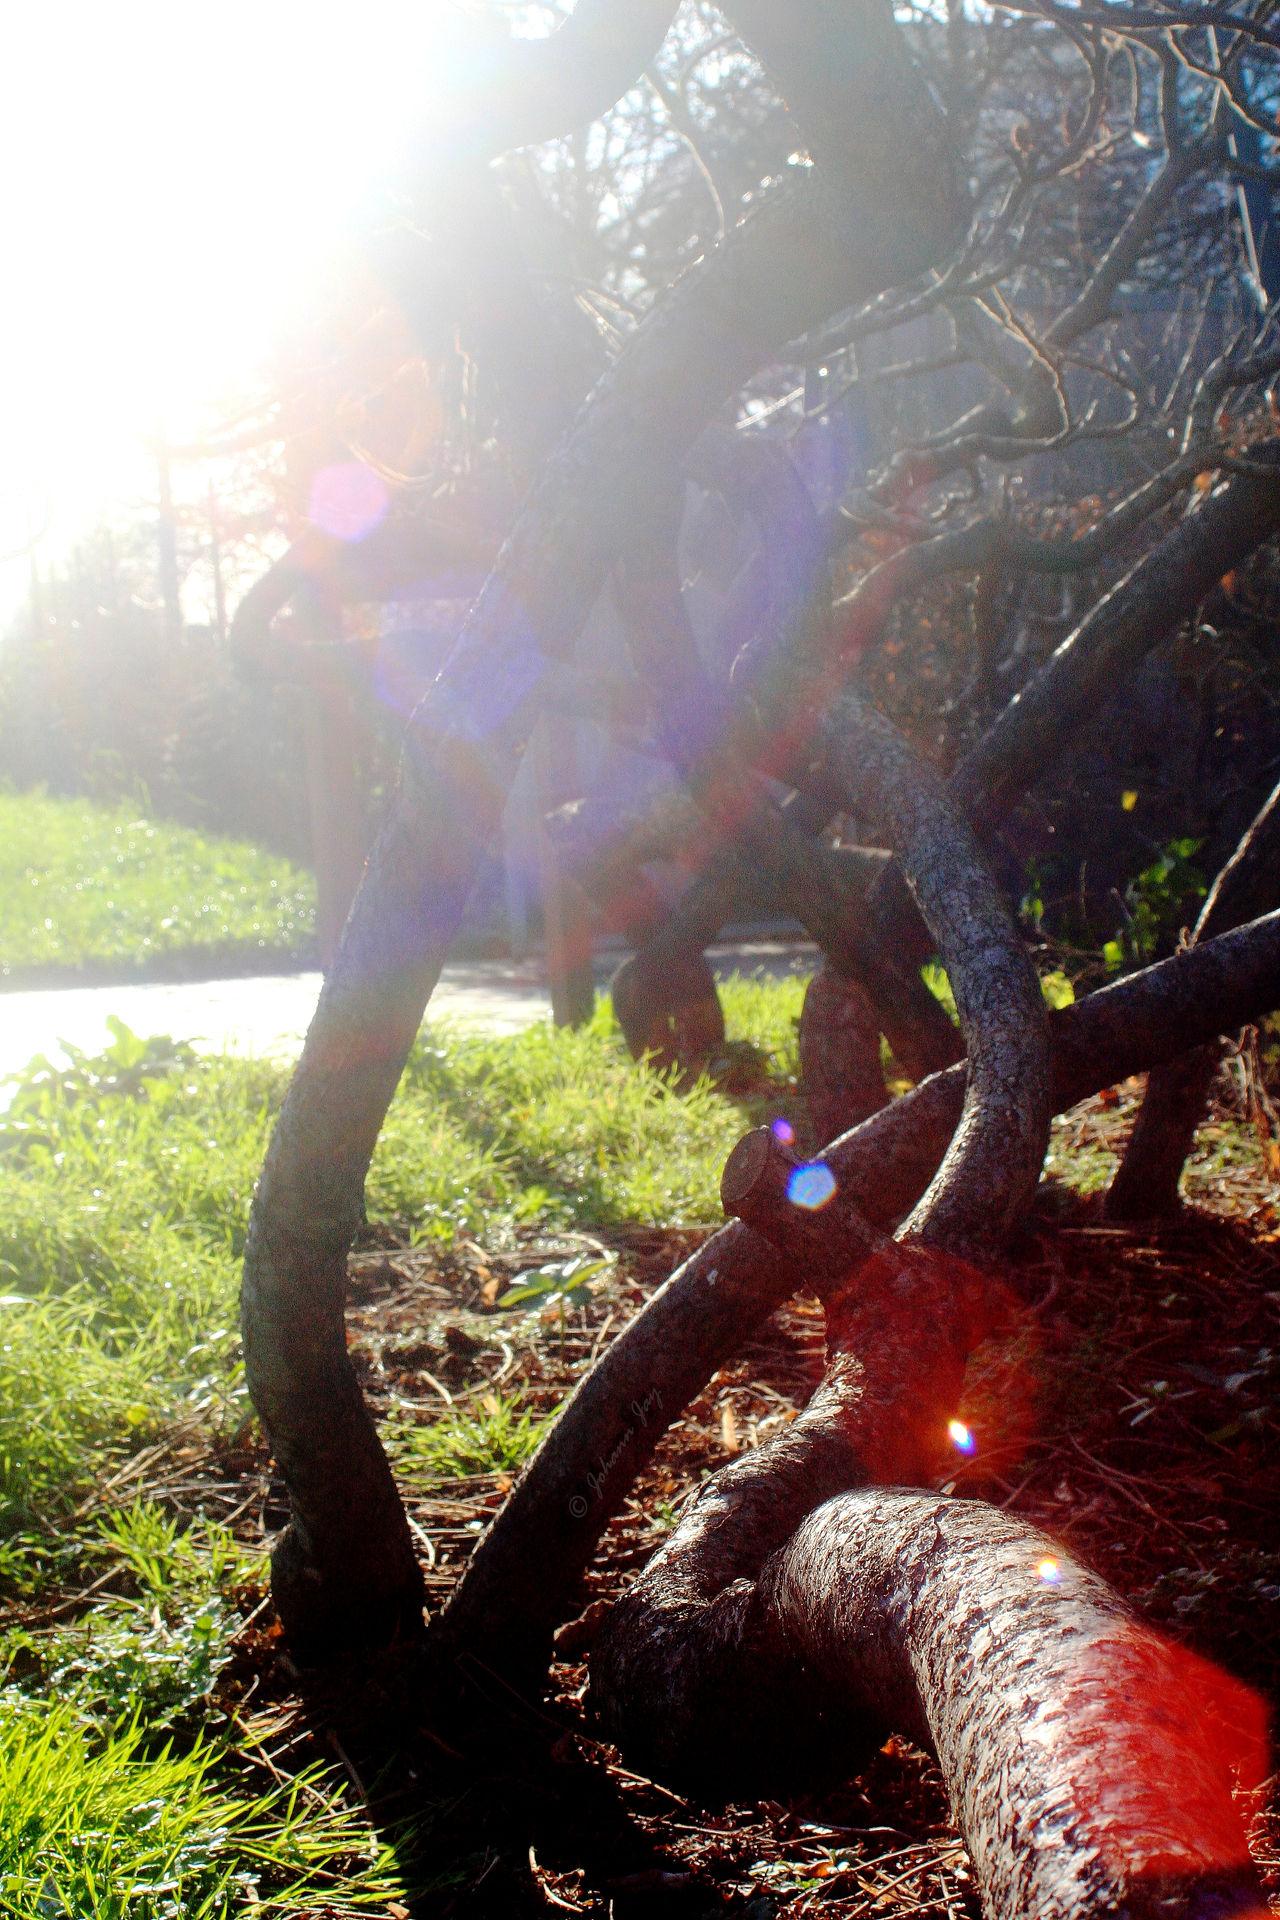 ArbreDeVie Automn Colors Beautiful Nature Enchevêtrement Jeu De Lumiere Jeu De Soleil Light Nature étrange Ombres Et Lumières Tree Branches